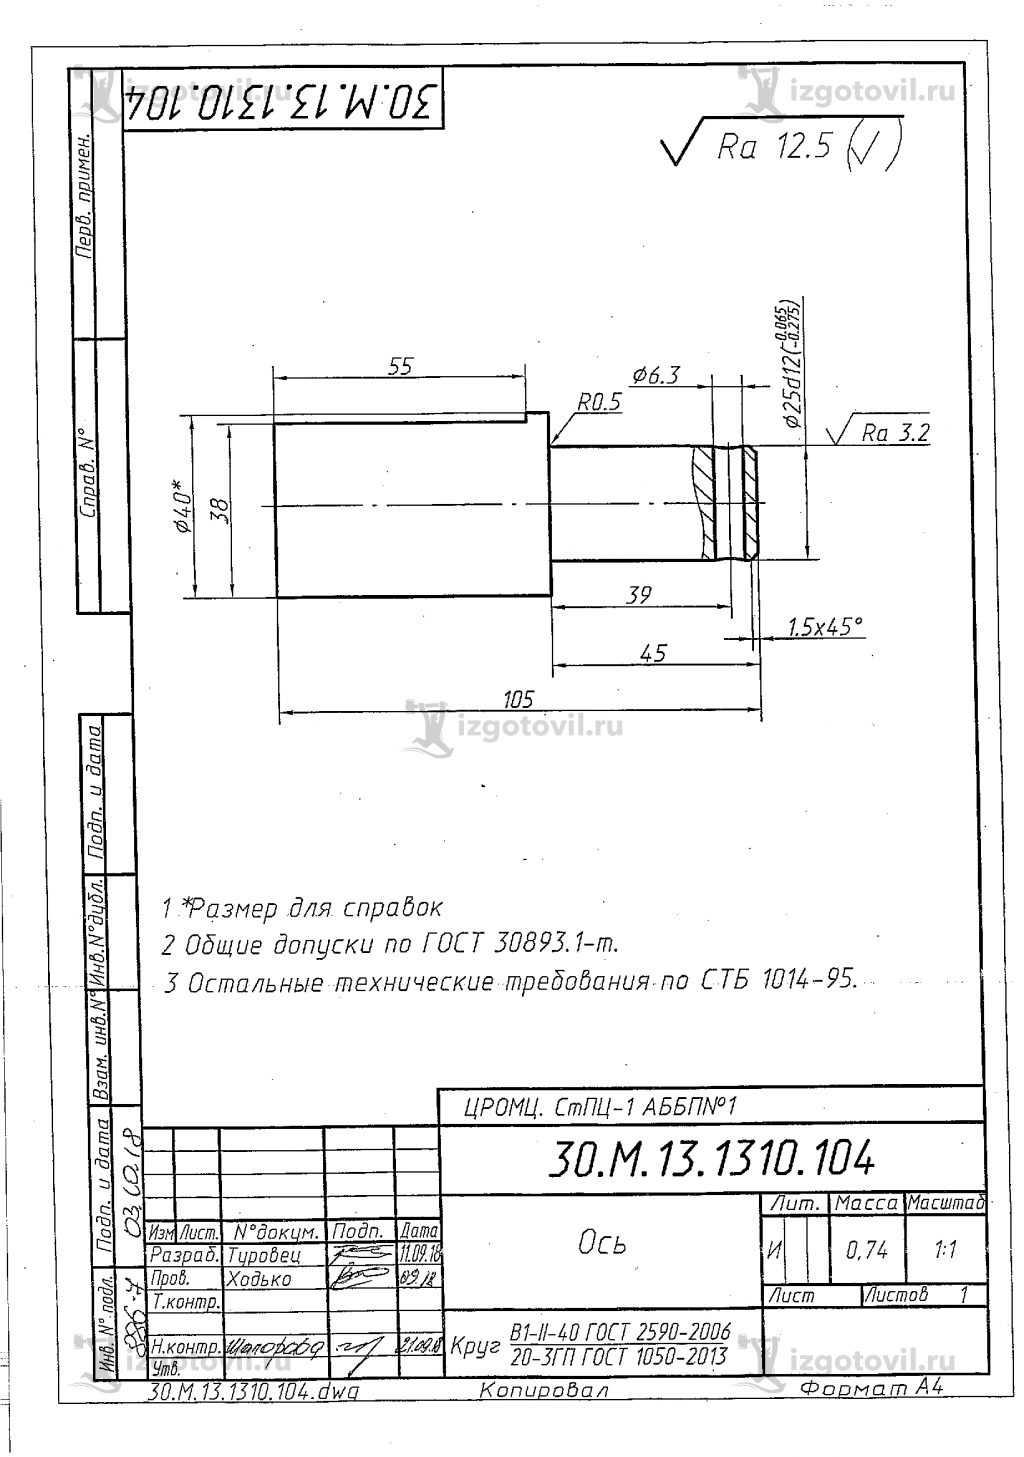 Изготовление деталей оборудования (приспособление для демонтажа(монтажа) накопителей намотки и размотки АББП№1)